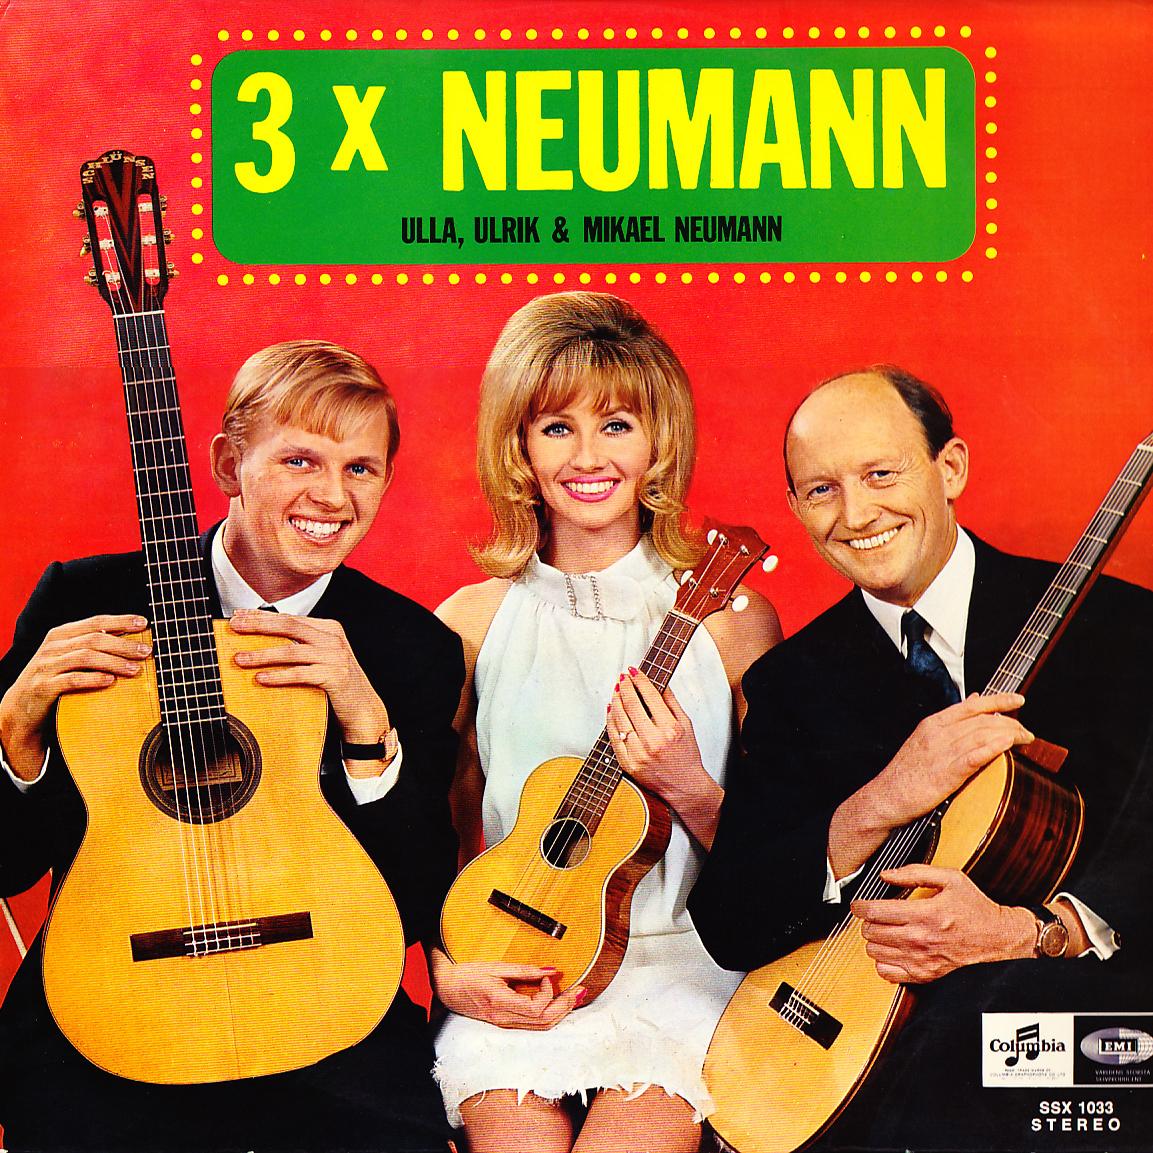 3xneumann_cover.jpg